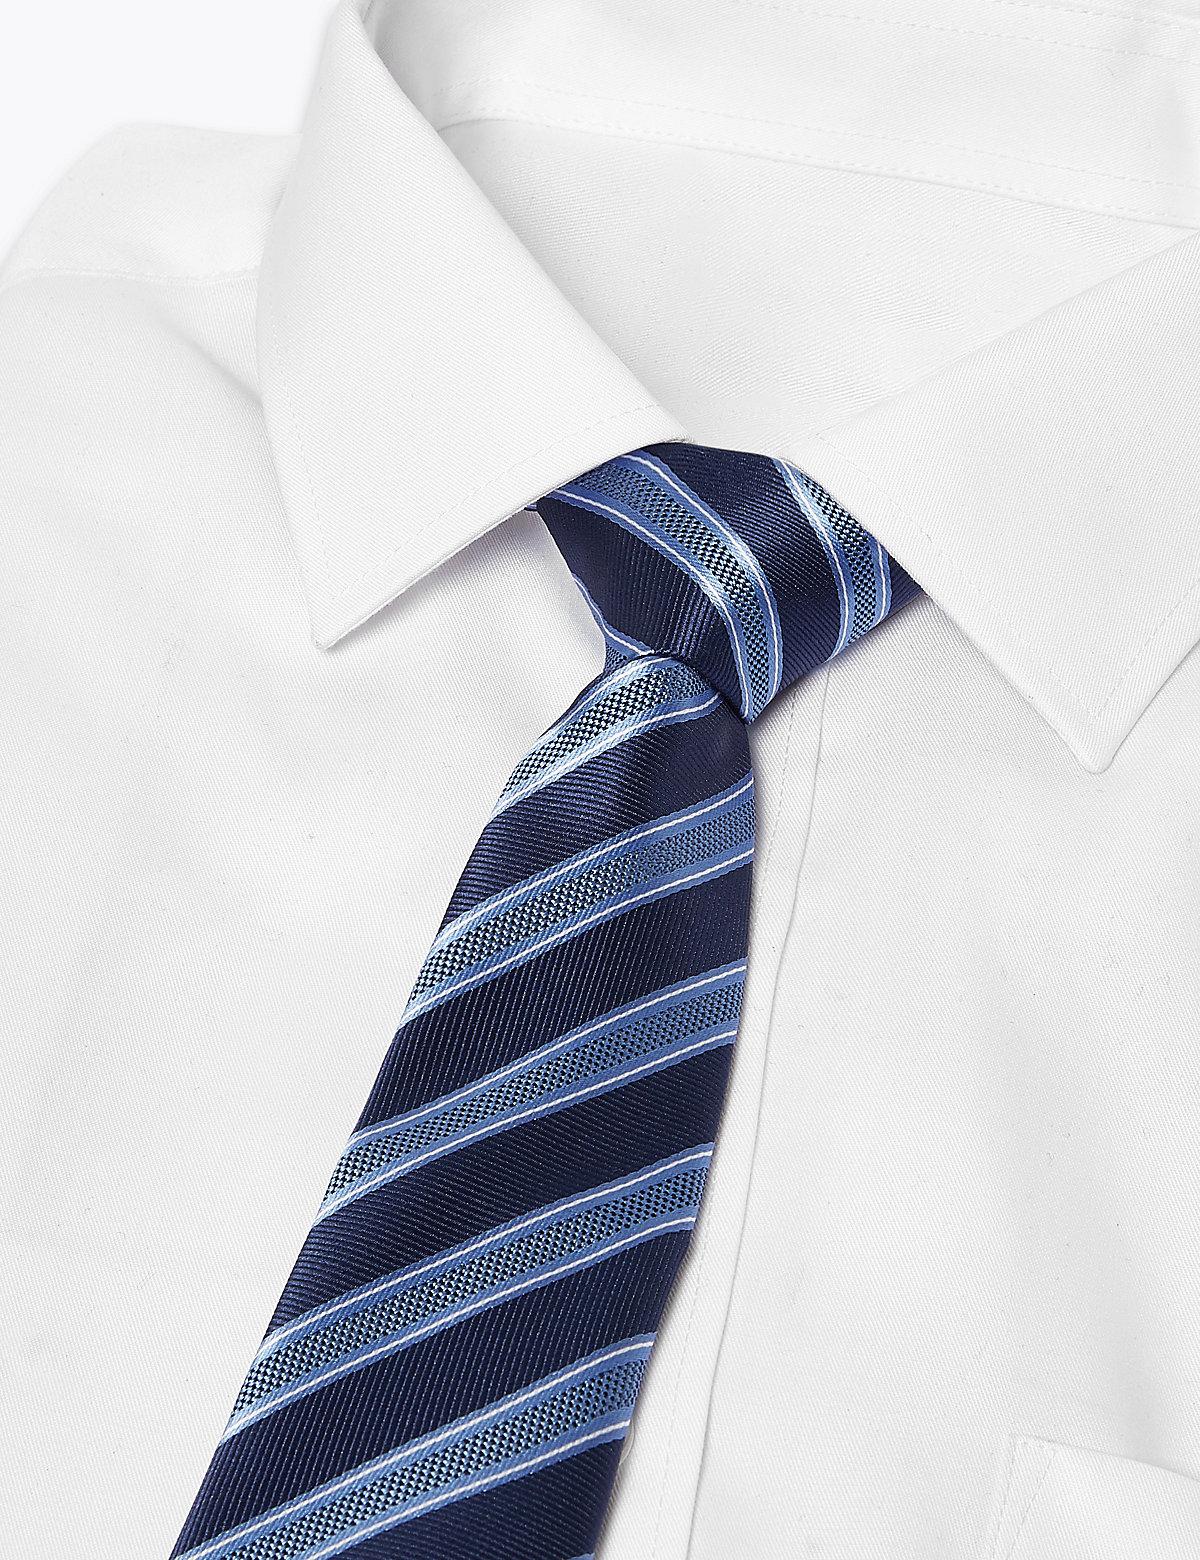 2 пары узких галстуков с геометрическим рисунком